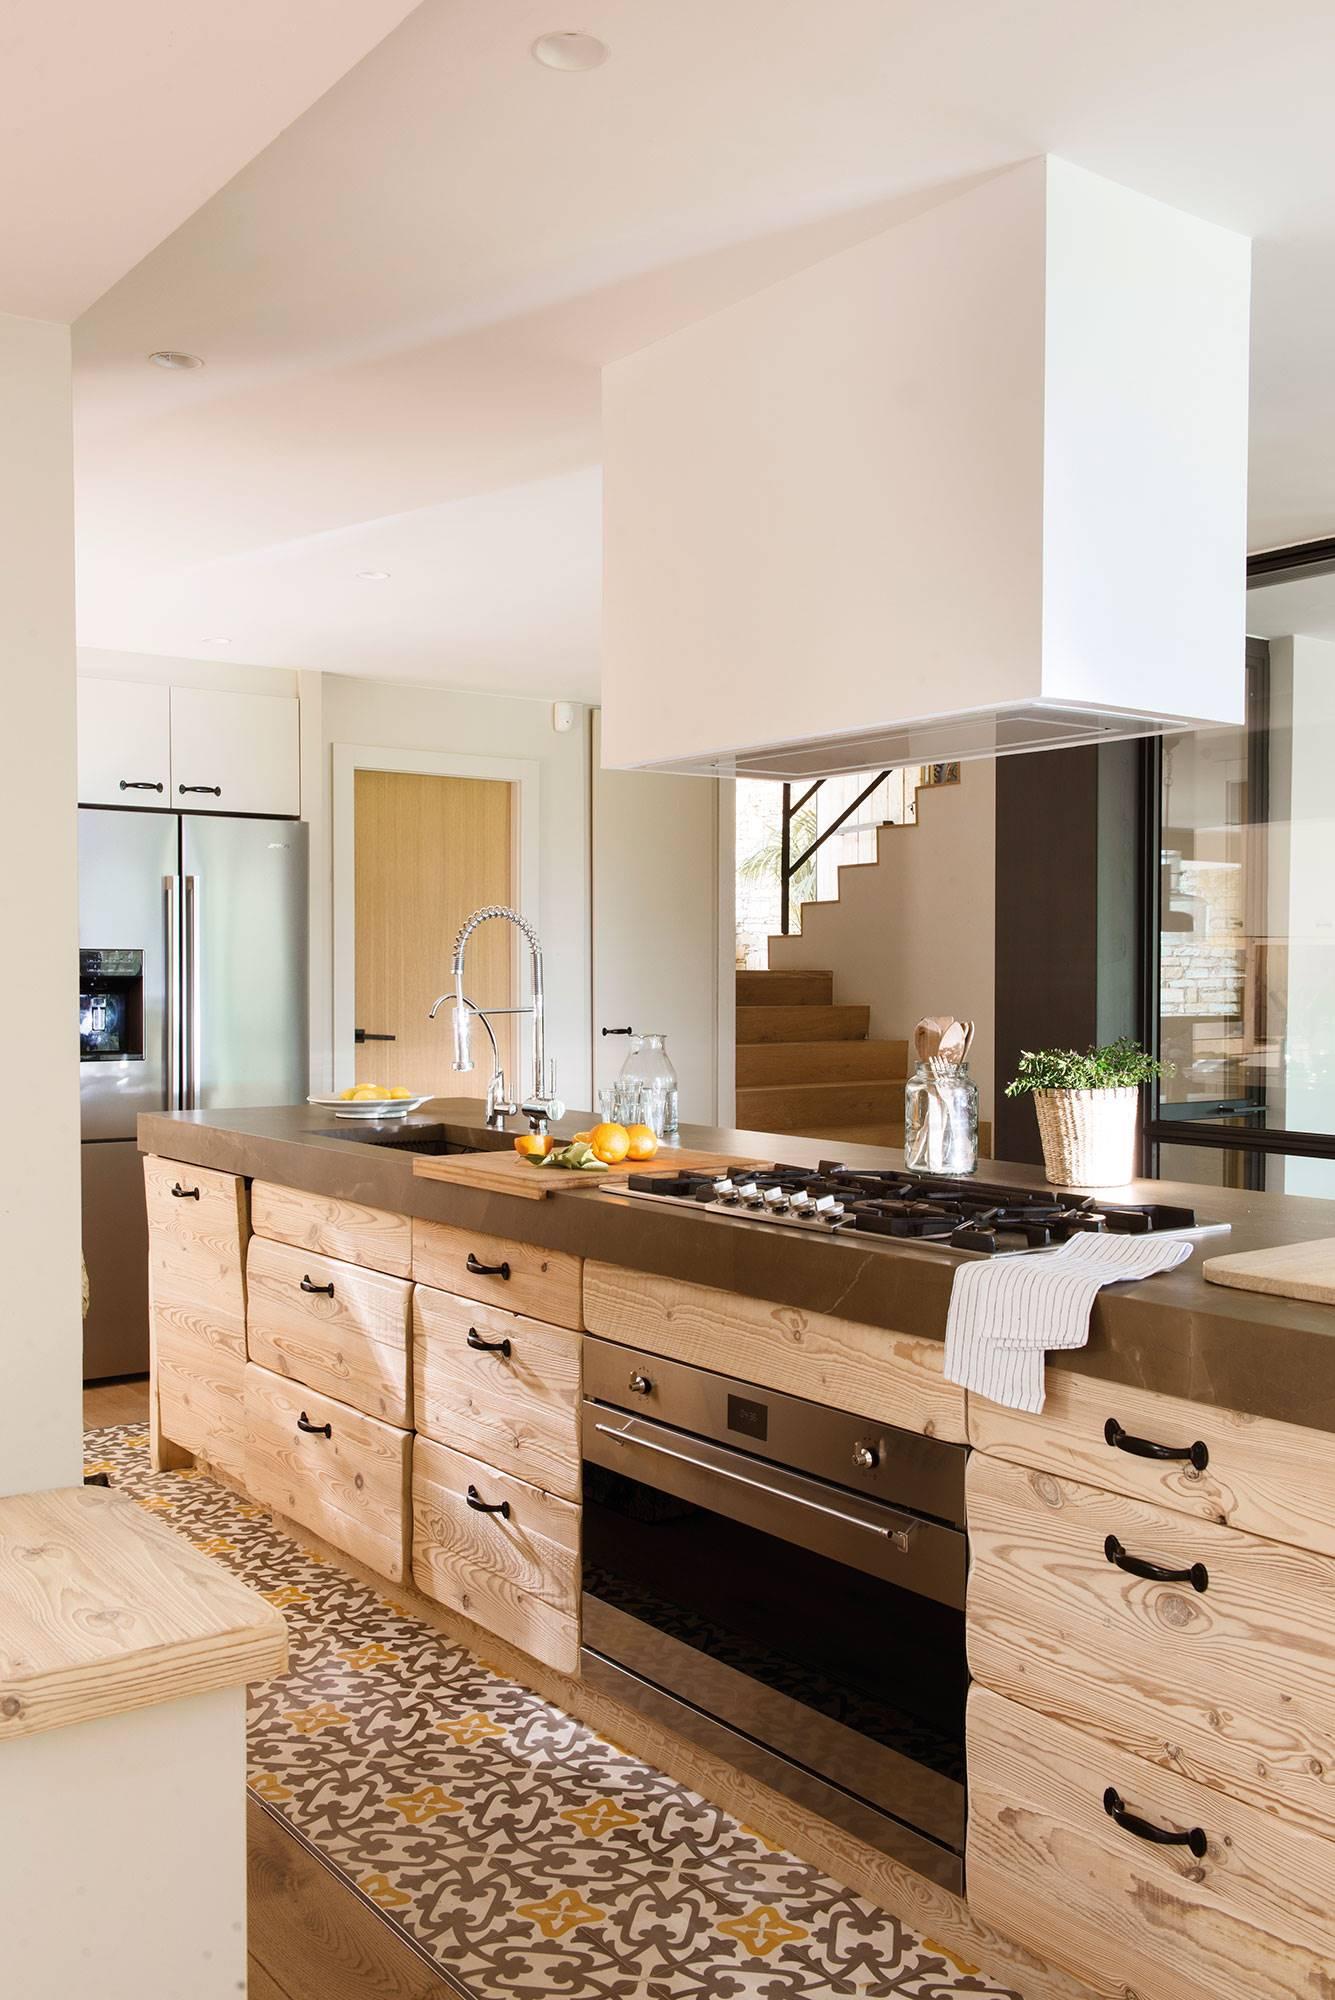 1082 Fotos de Muebles de cocina